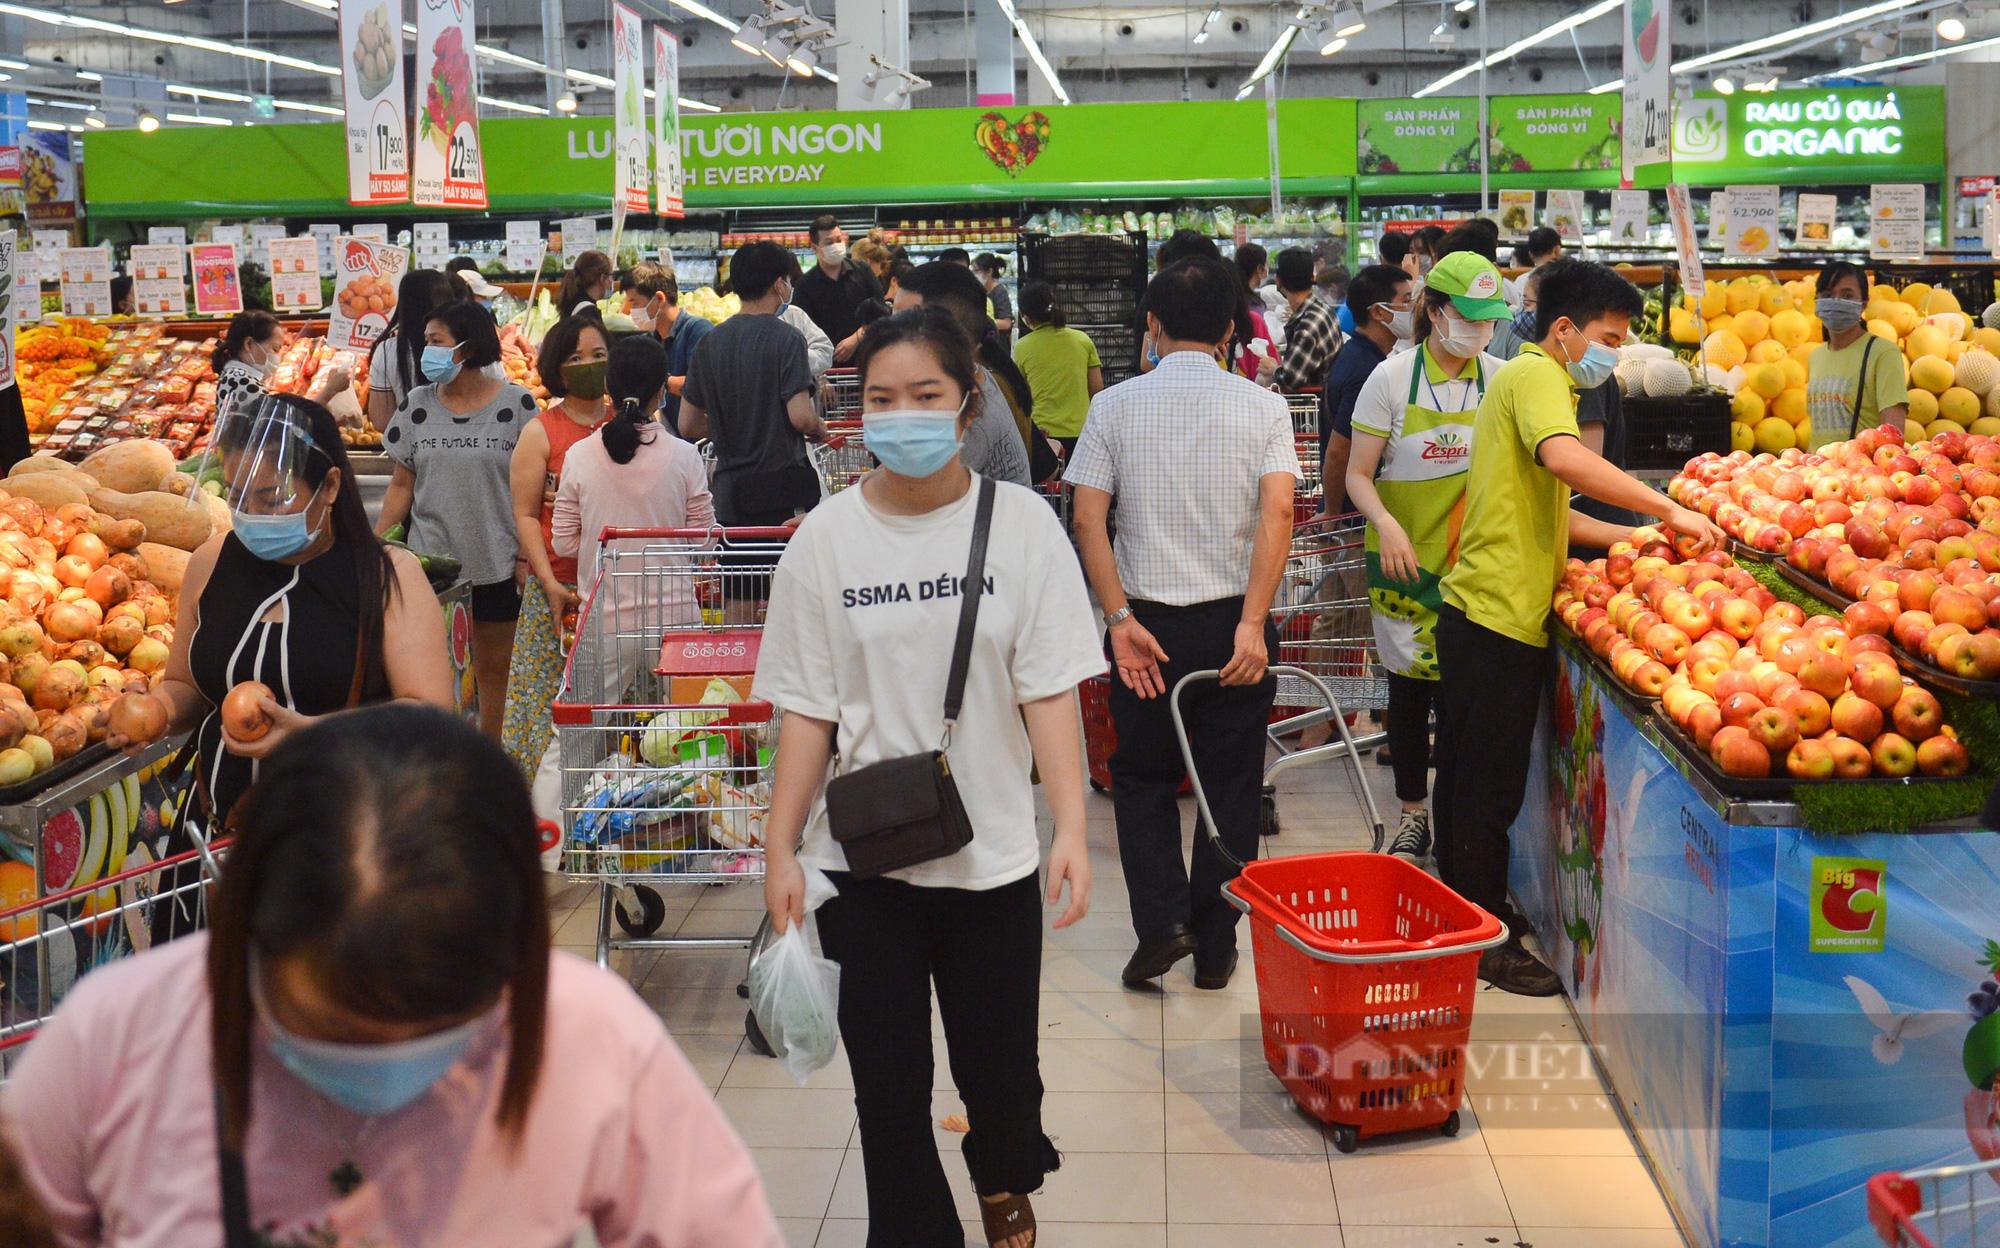 Chợ, siêu thị Hà Nội ngày đầu giãn cách xã hội: Nơi đông đúc, chốn thoáng đãng người dân thoả sức lựa chọn - Ảnh 7.